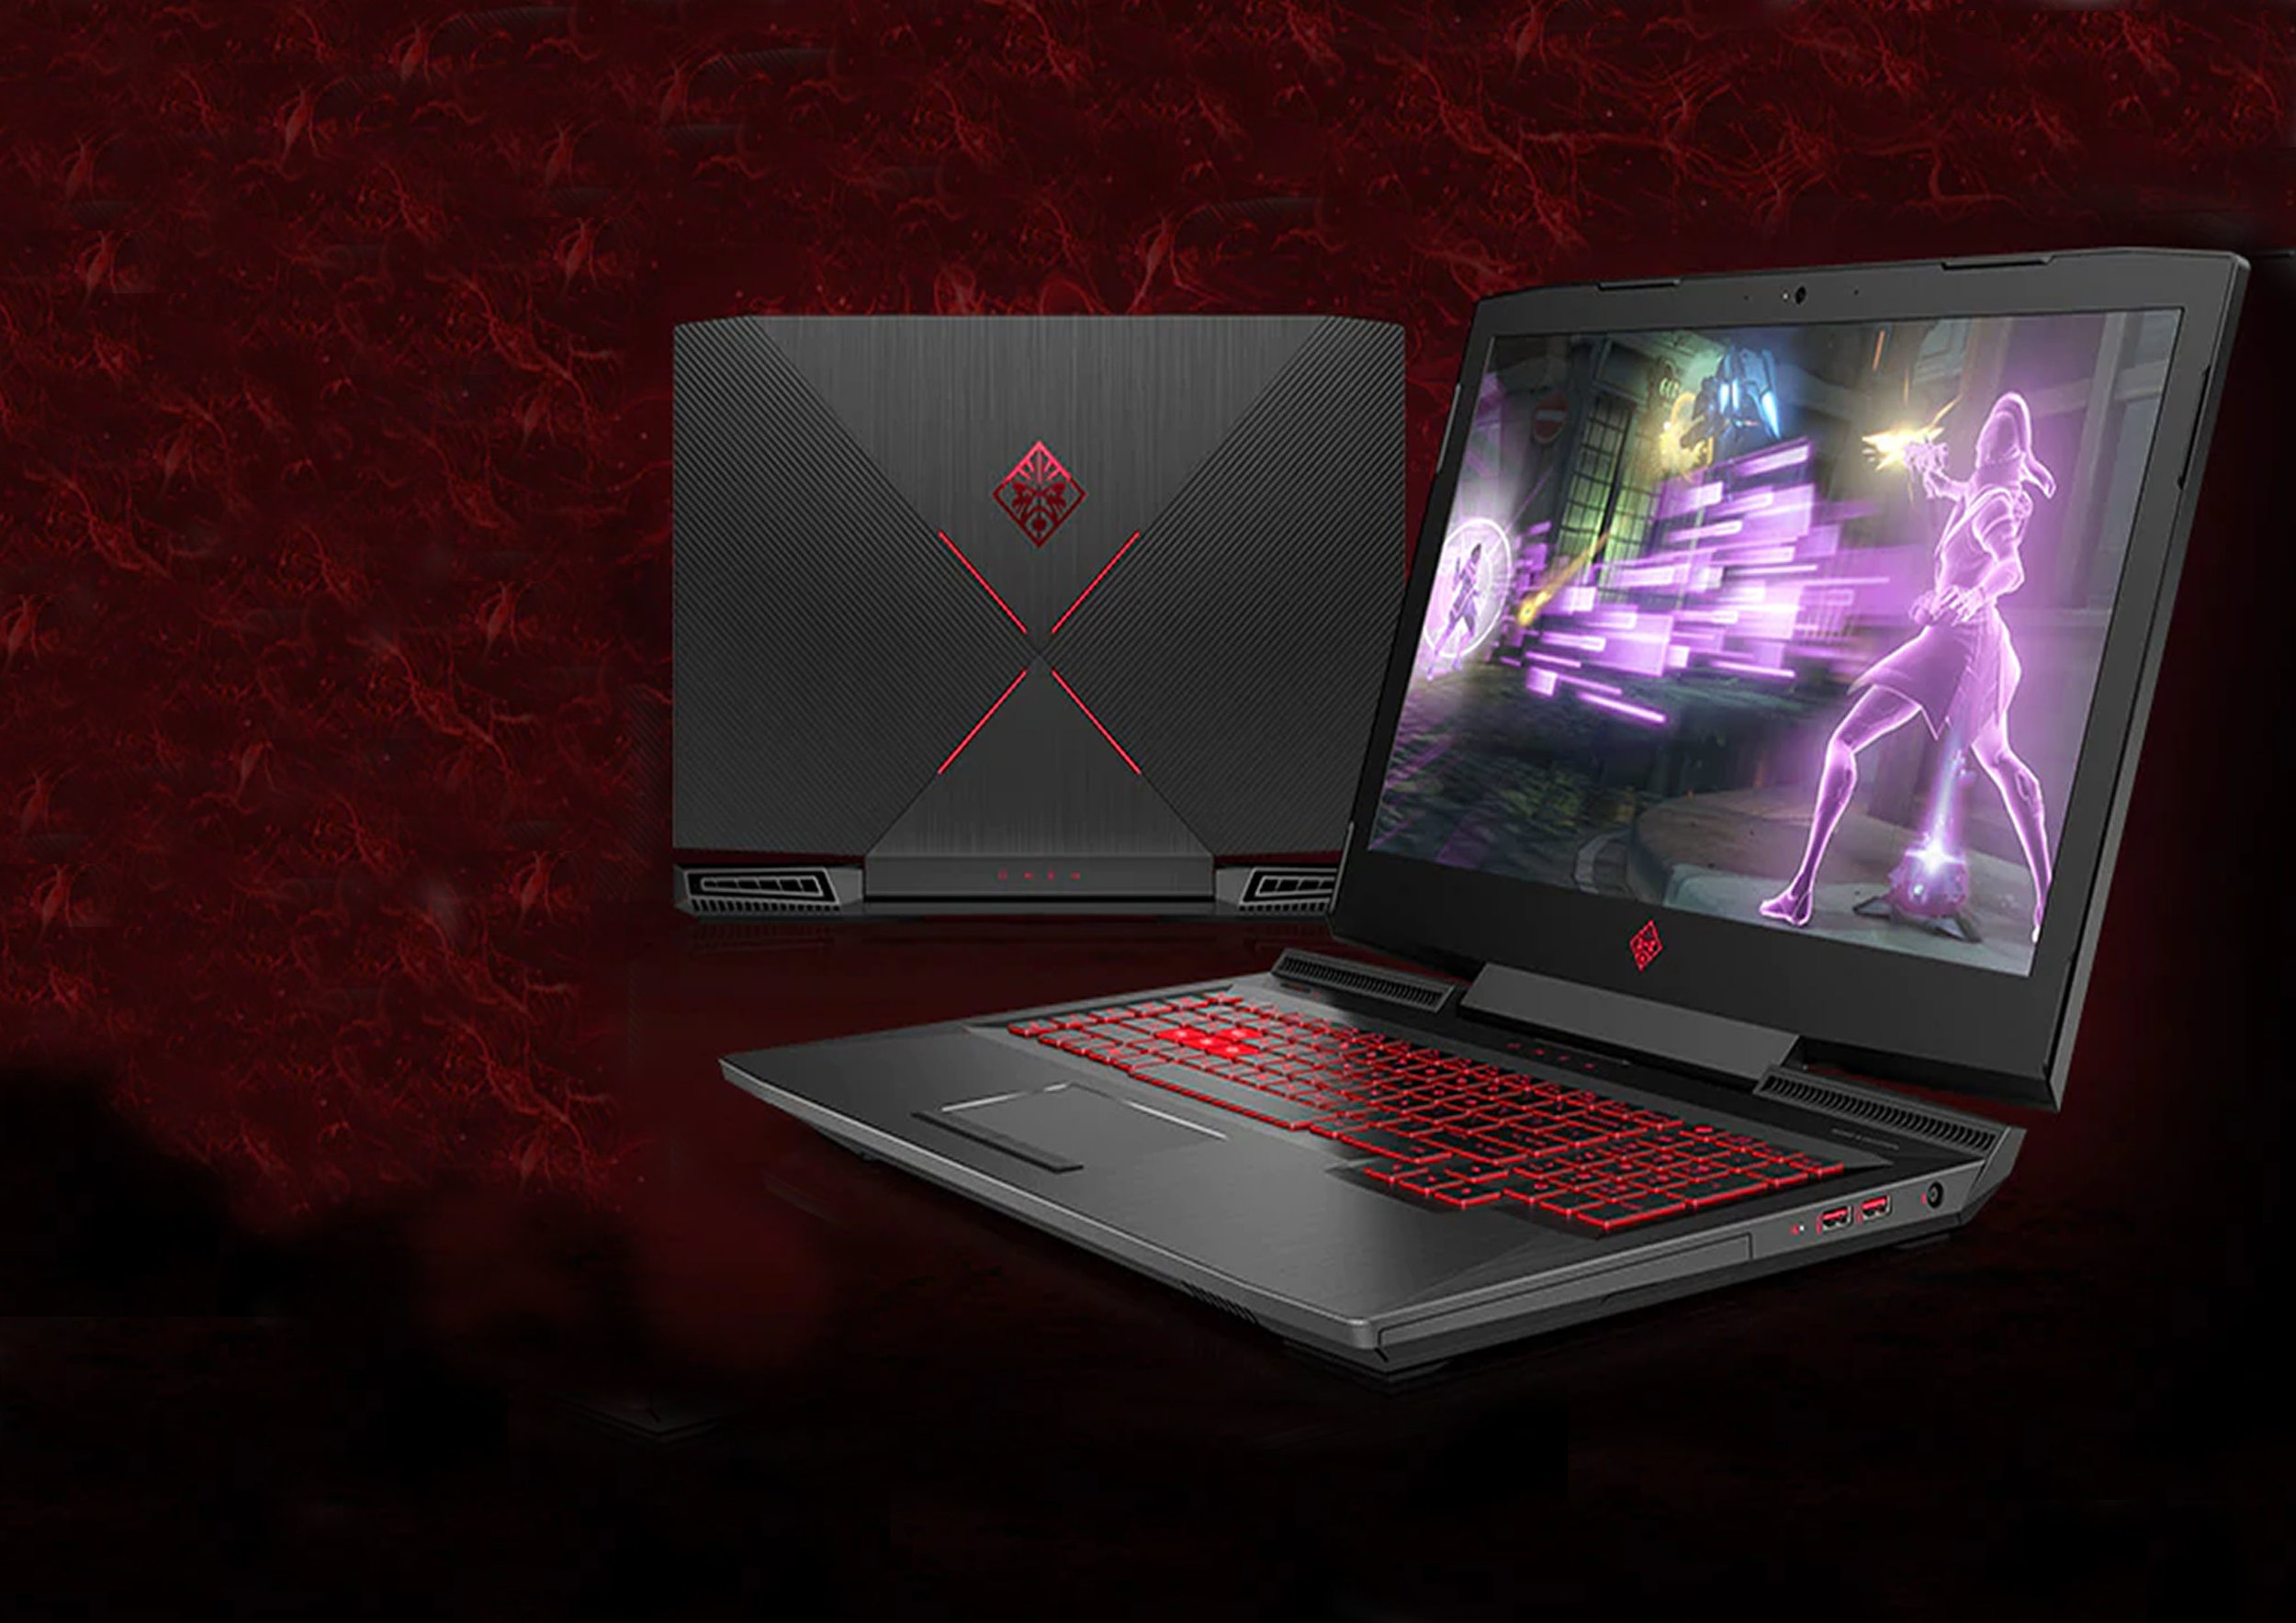 OMEN Laptops - Conquista la campaña desde prácticamente cualquier lugar con los últimos procesadores Intel® Core™ i7, gráficos NVIDIA® o AMD y refrigeración de alto rendimiento.